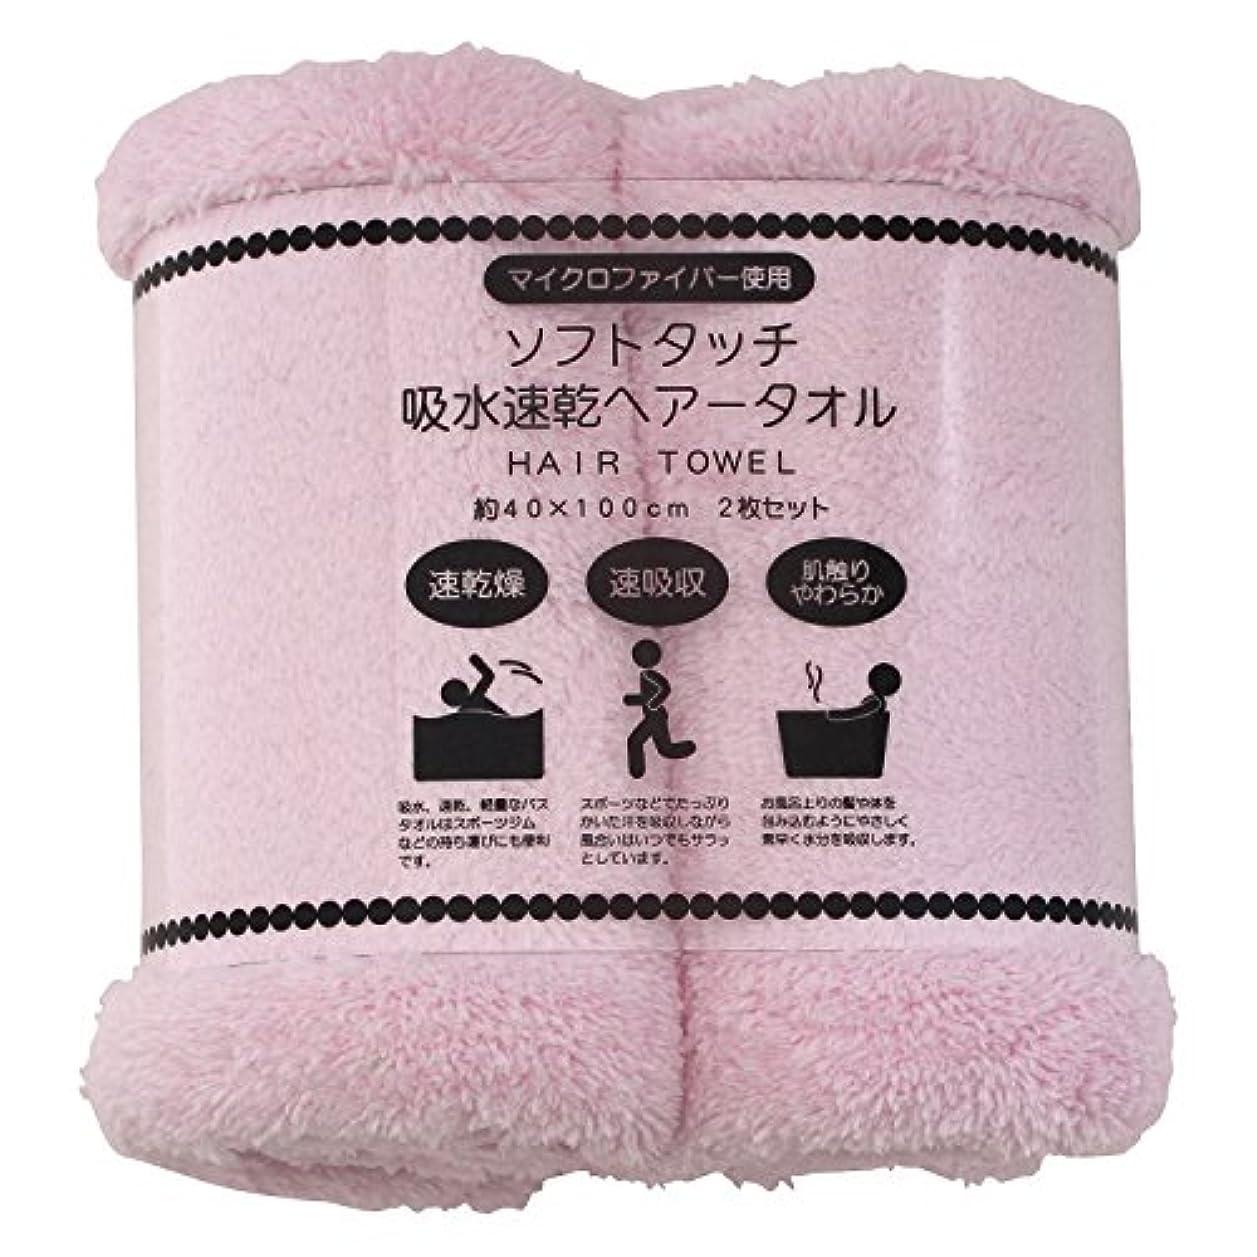 ジャンプ政治家のまだソフトタッチ吸水速乾ヘアータオル 40×100cm 2枚セット ピンク